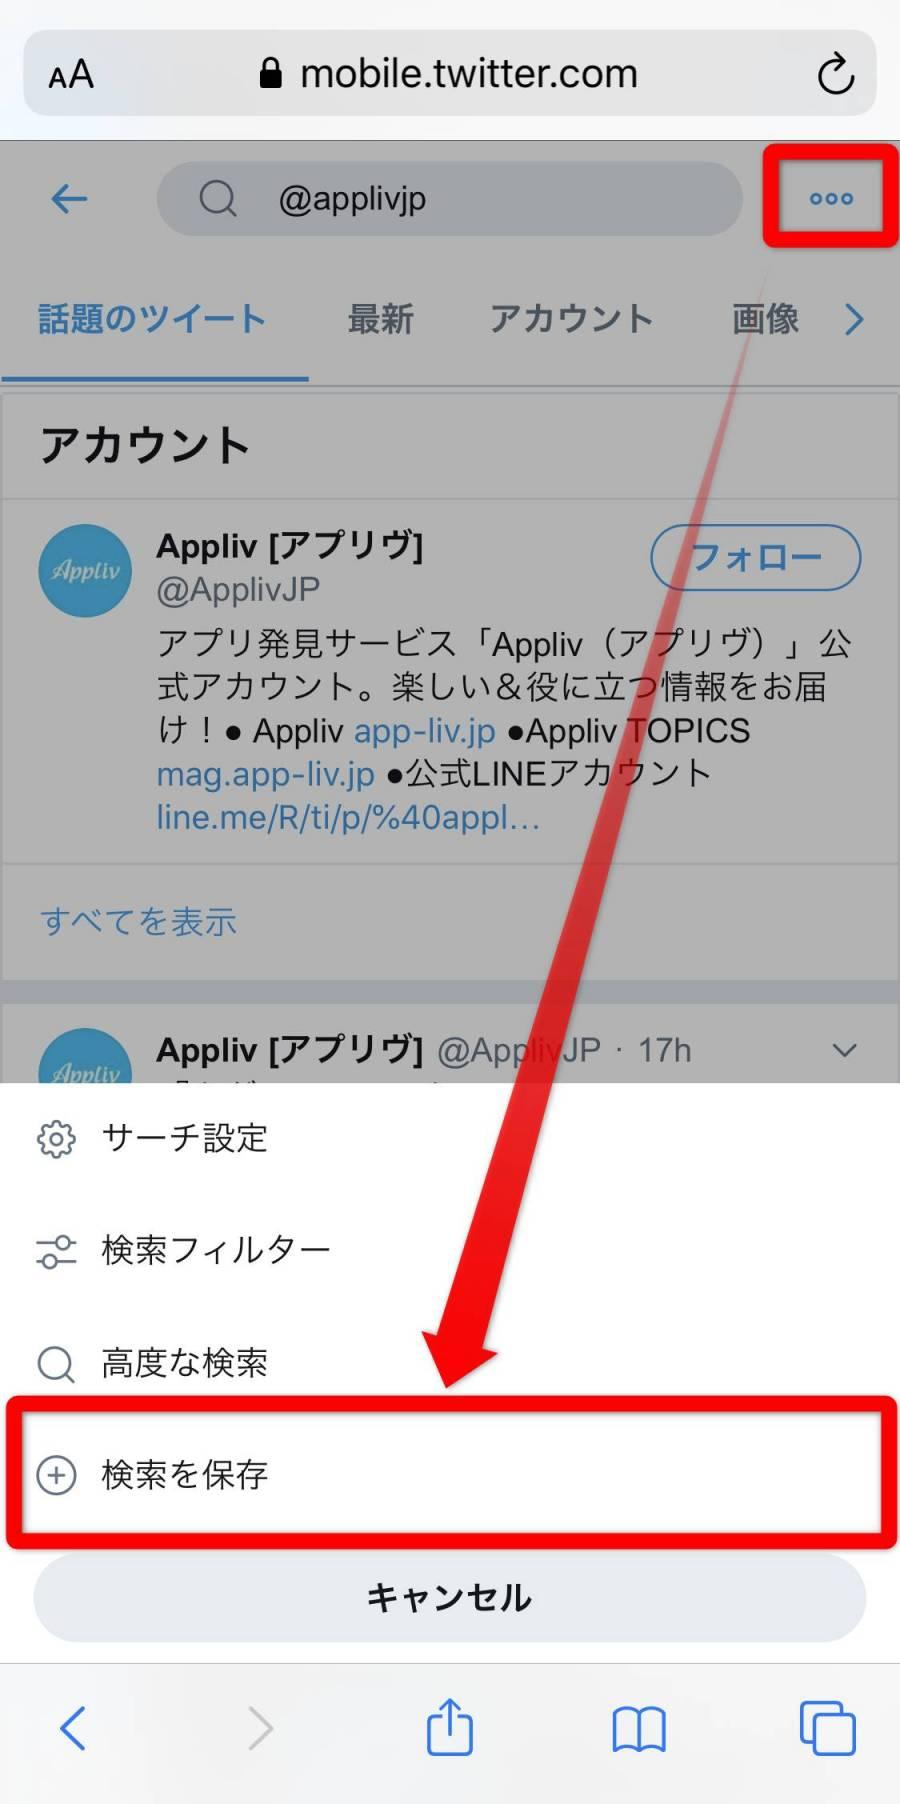 モバイル版Twitter 検索を保存